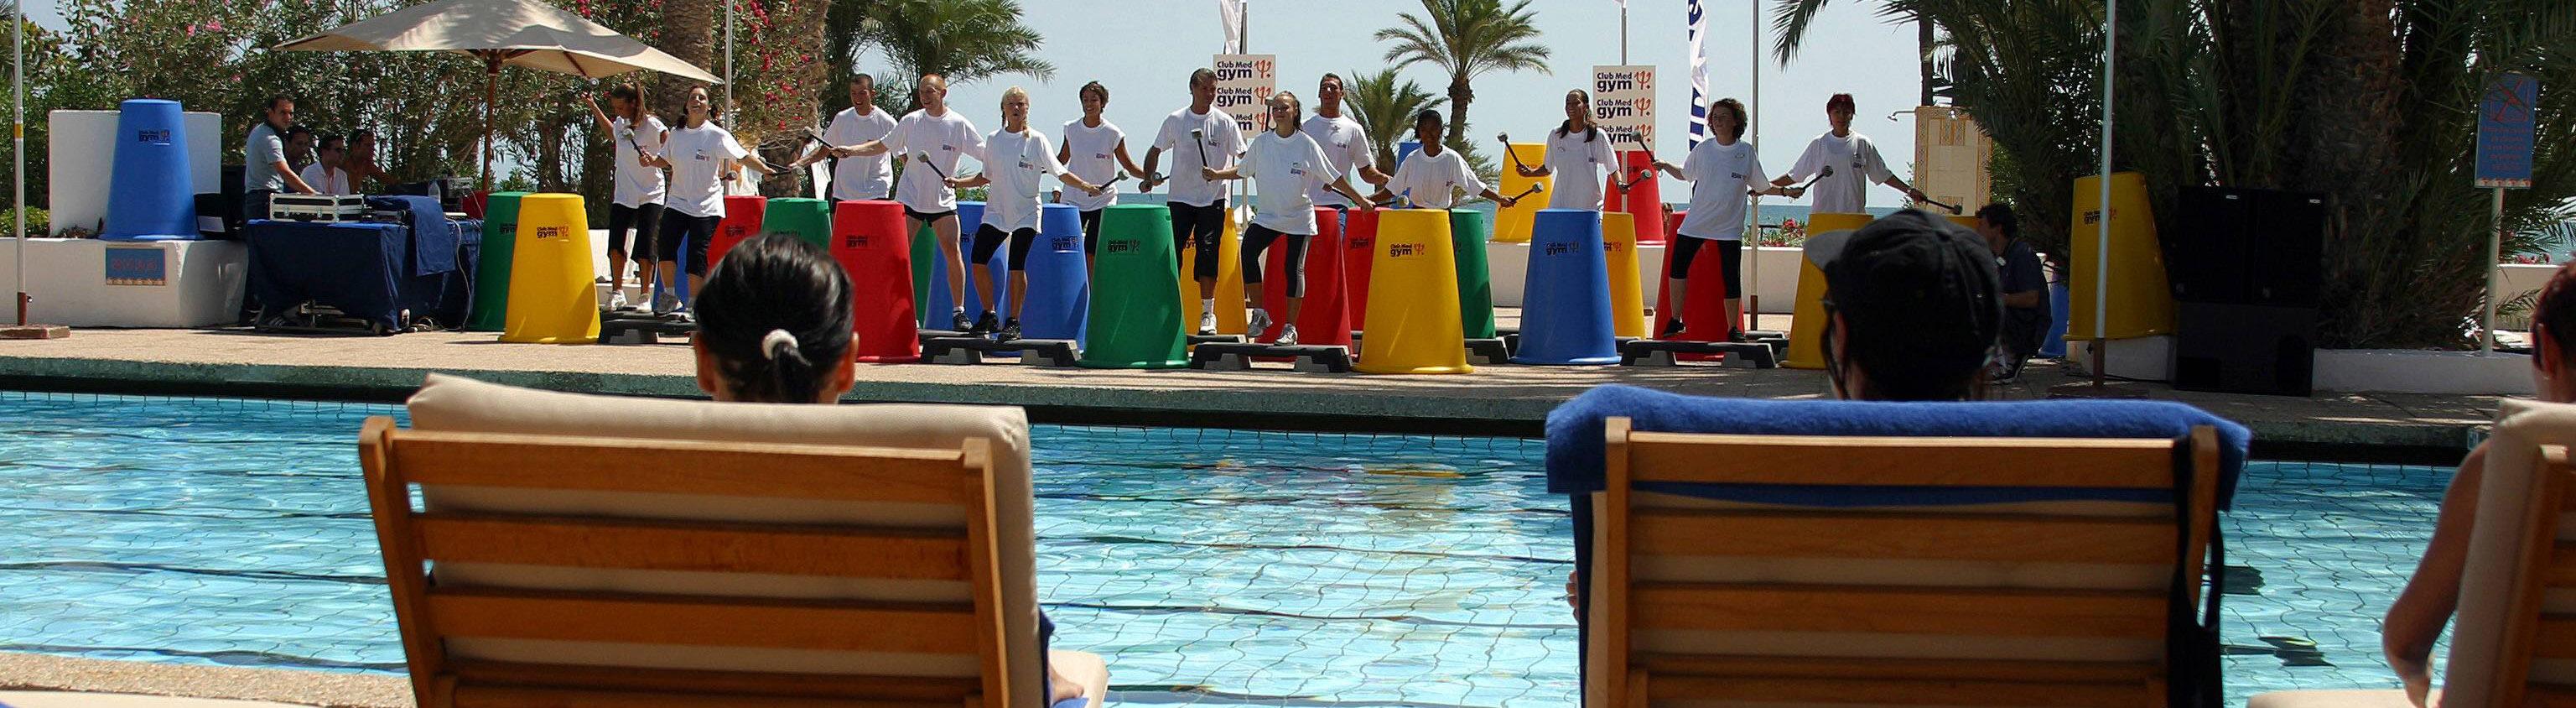 Fitnessprogamm mit Trommeln am Pool des Club Mediterranee -Djerba La Douce-